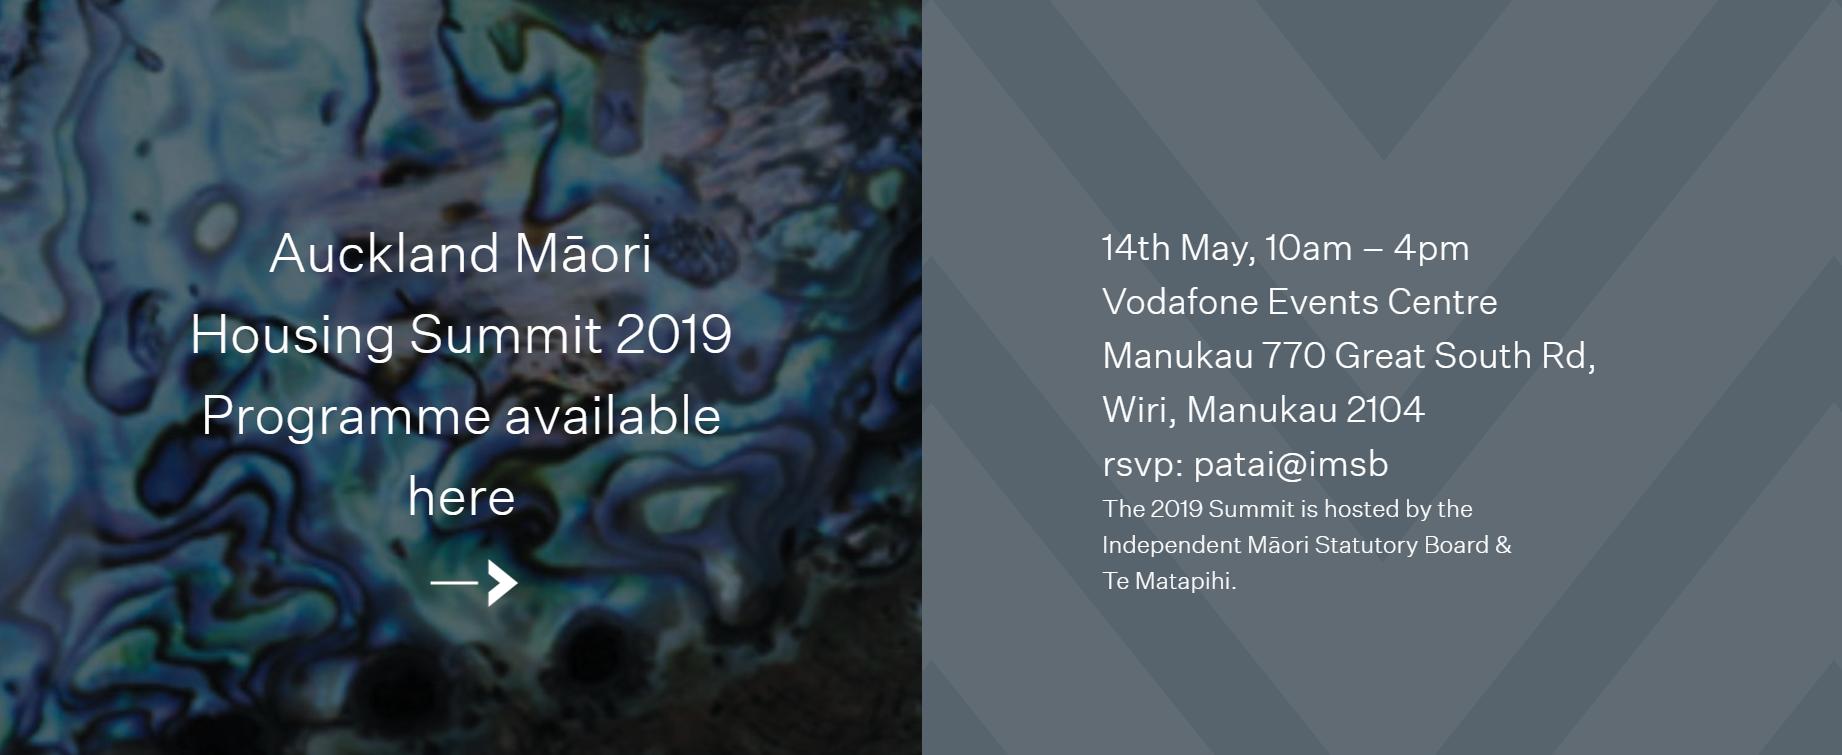 Maori housing summit 2019.PNG